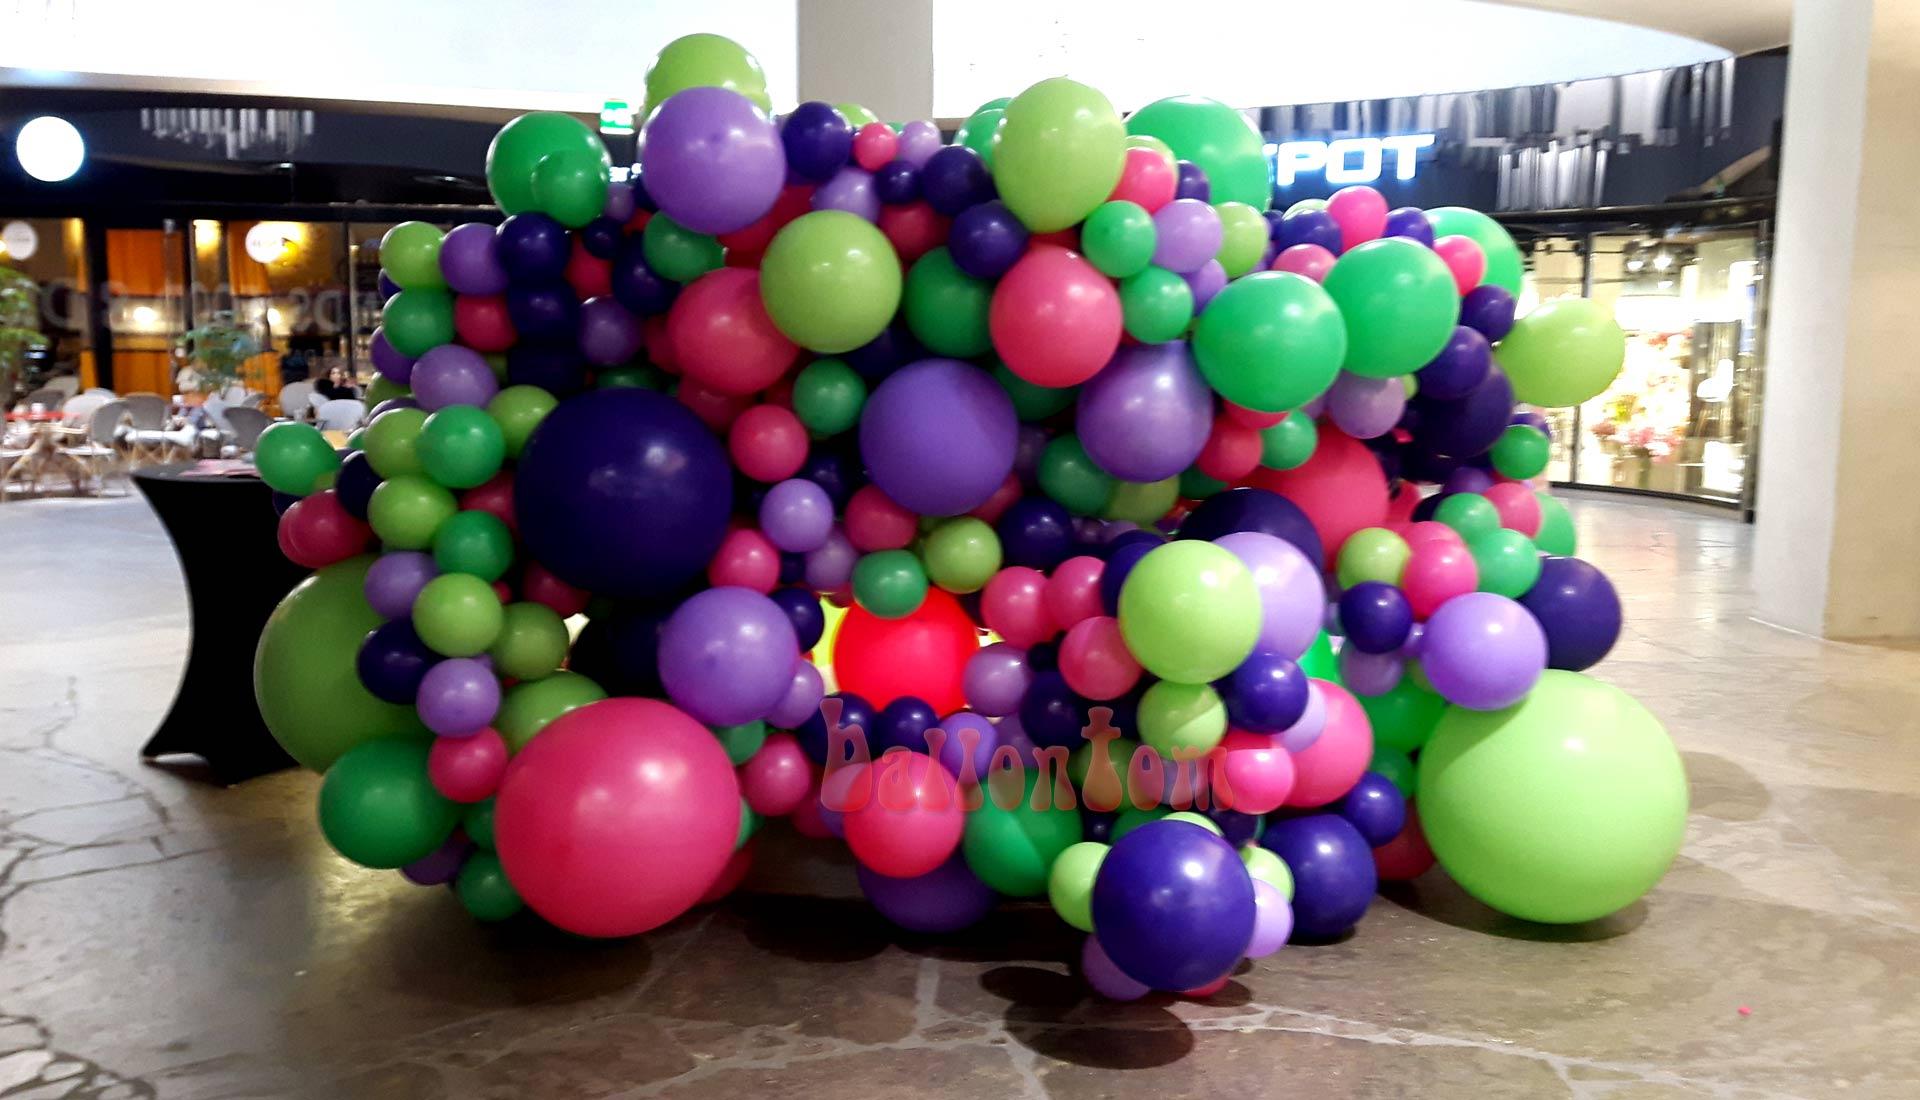 Organic Ballonwand fuer Einkaufspassage in München - Projekt: Sina Greinert - Unterstützung durch ballontom